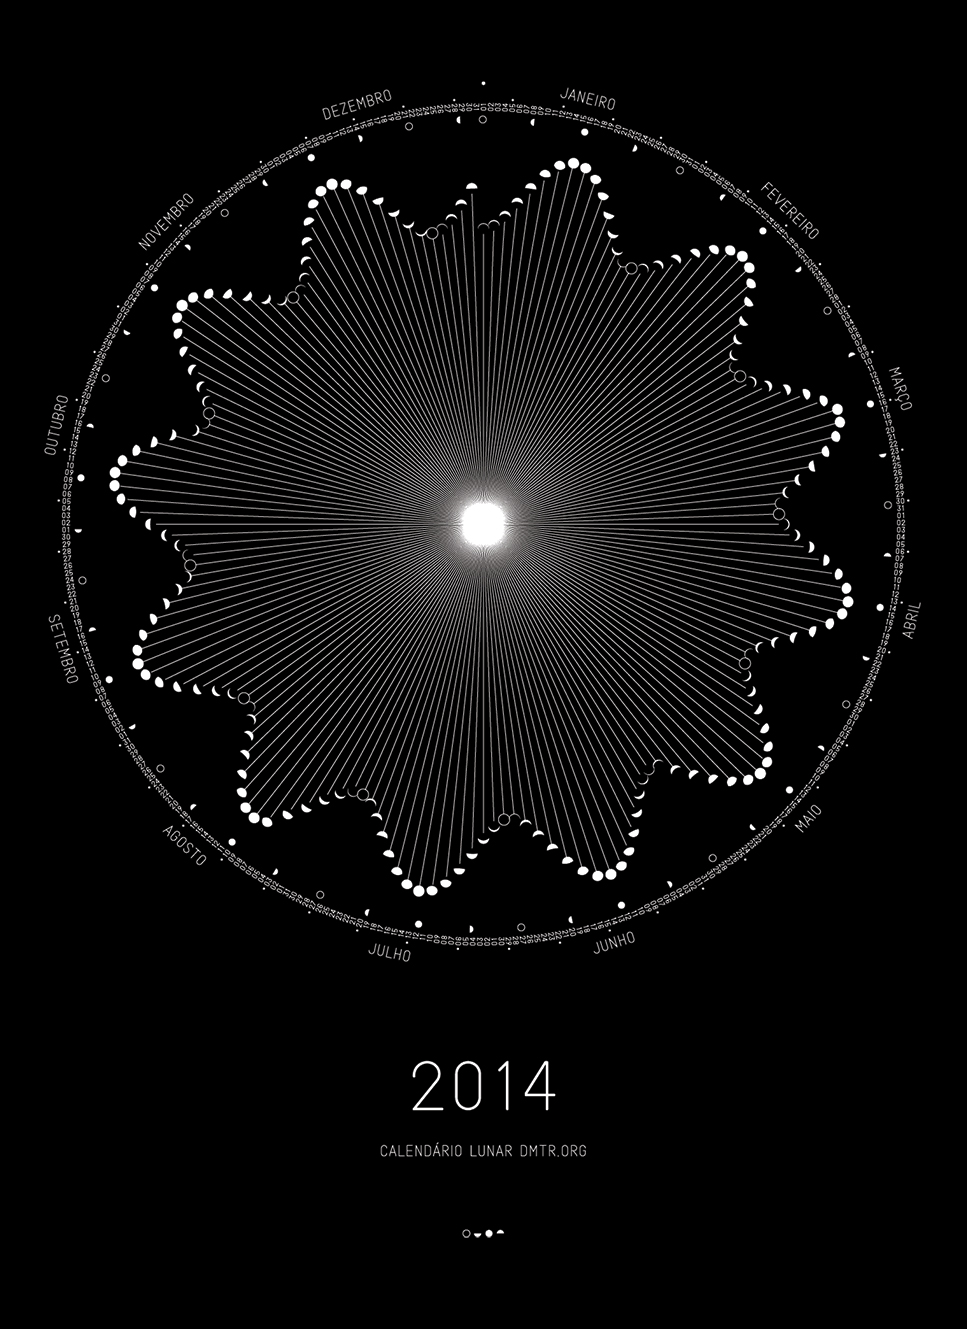 lunar2014_final_dmtr.org.jpg